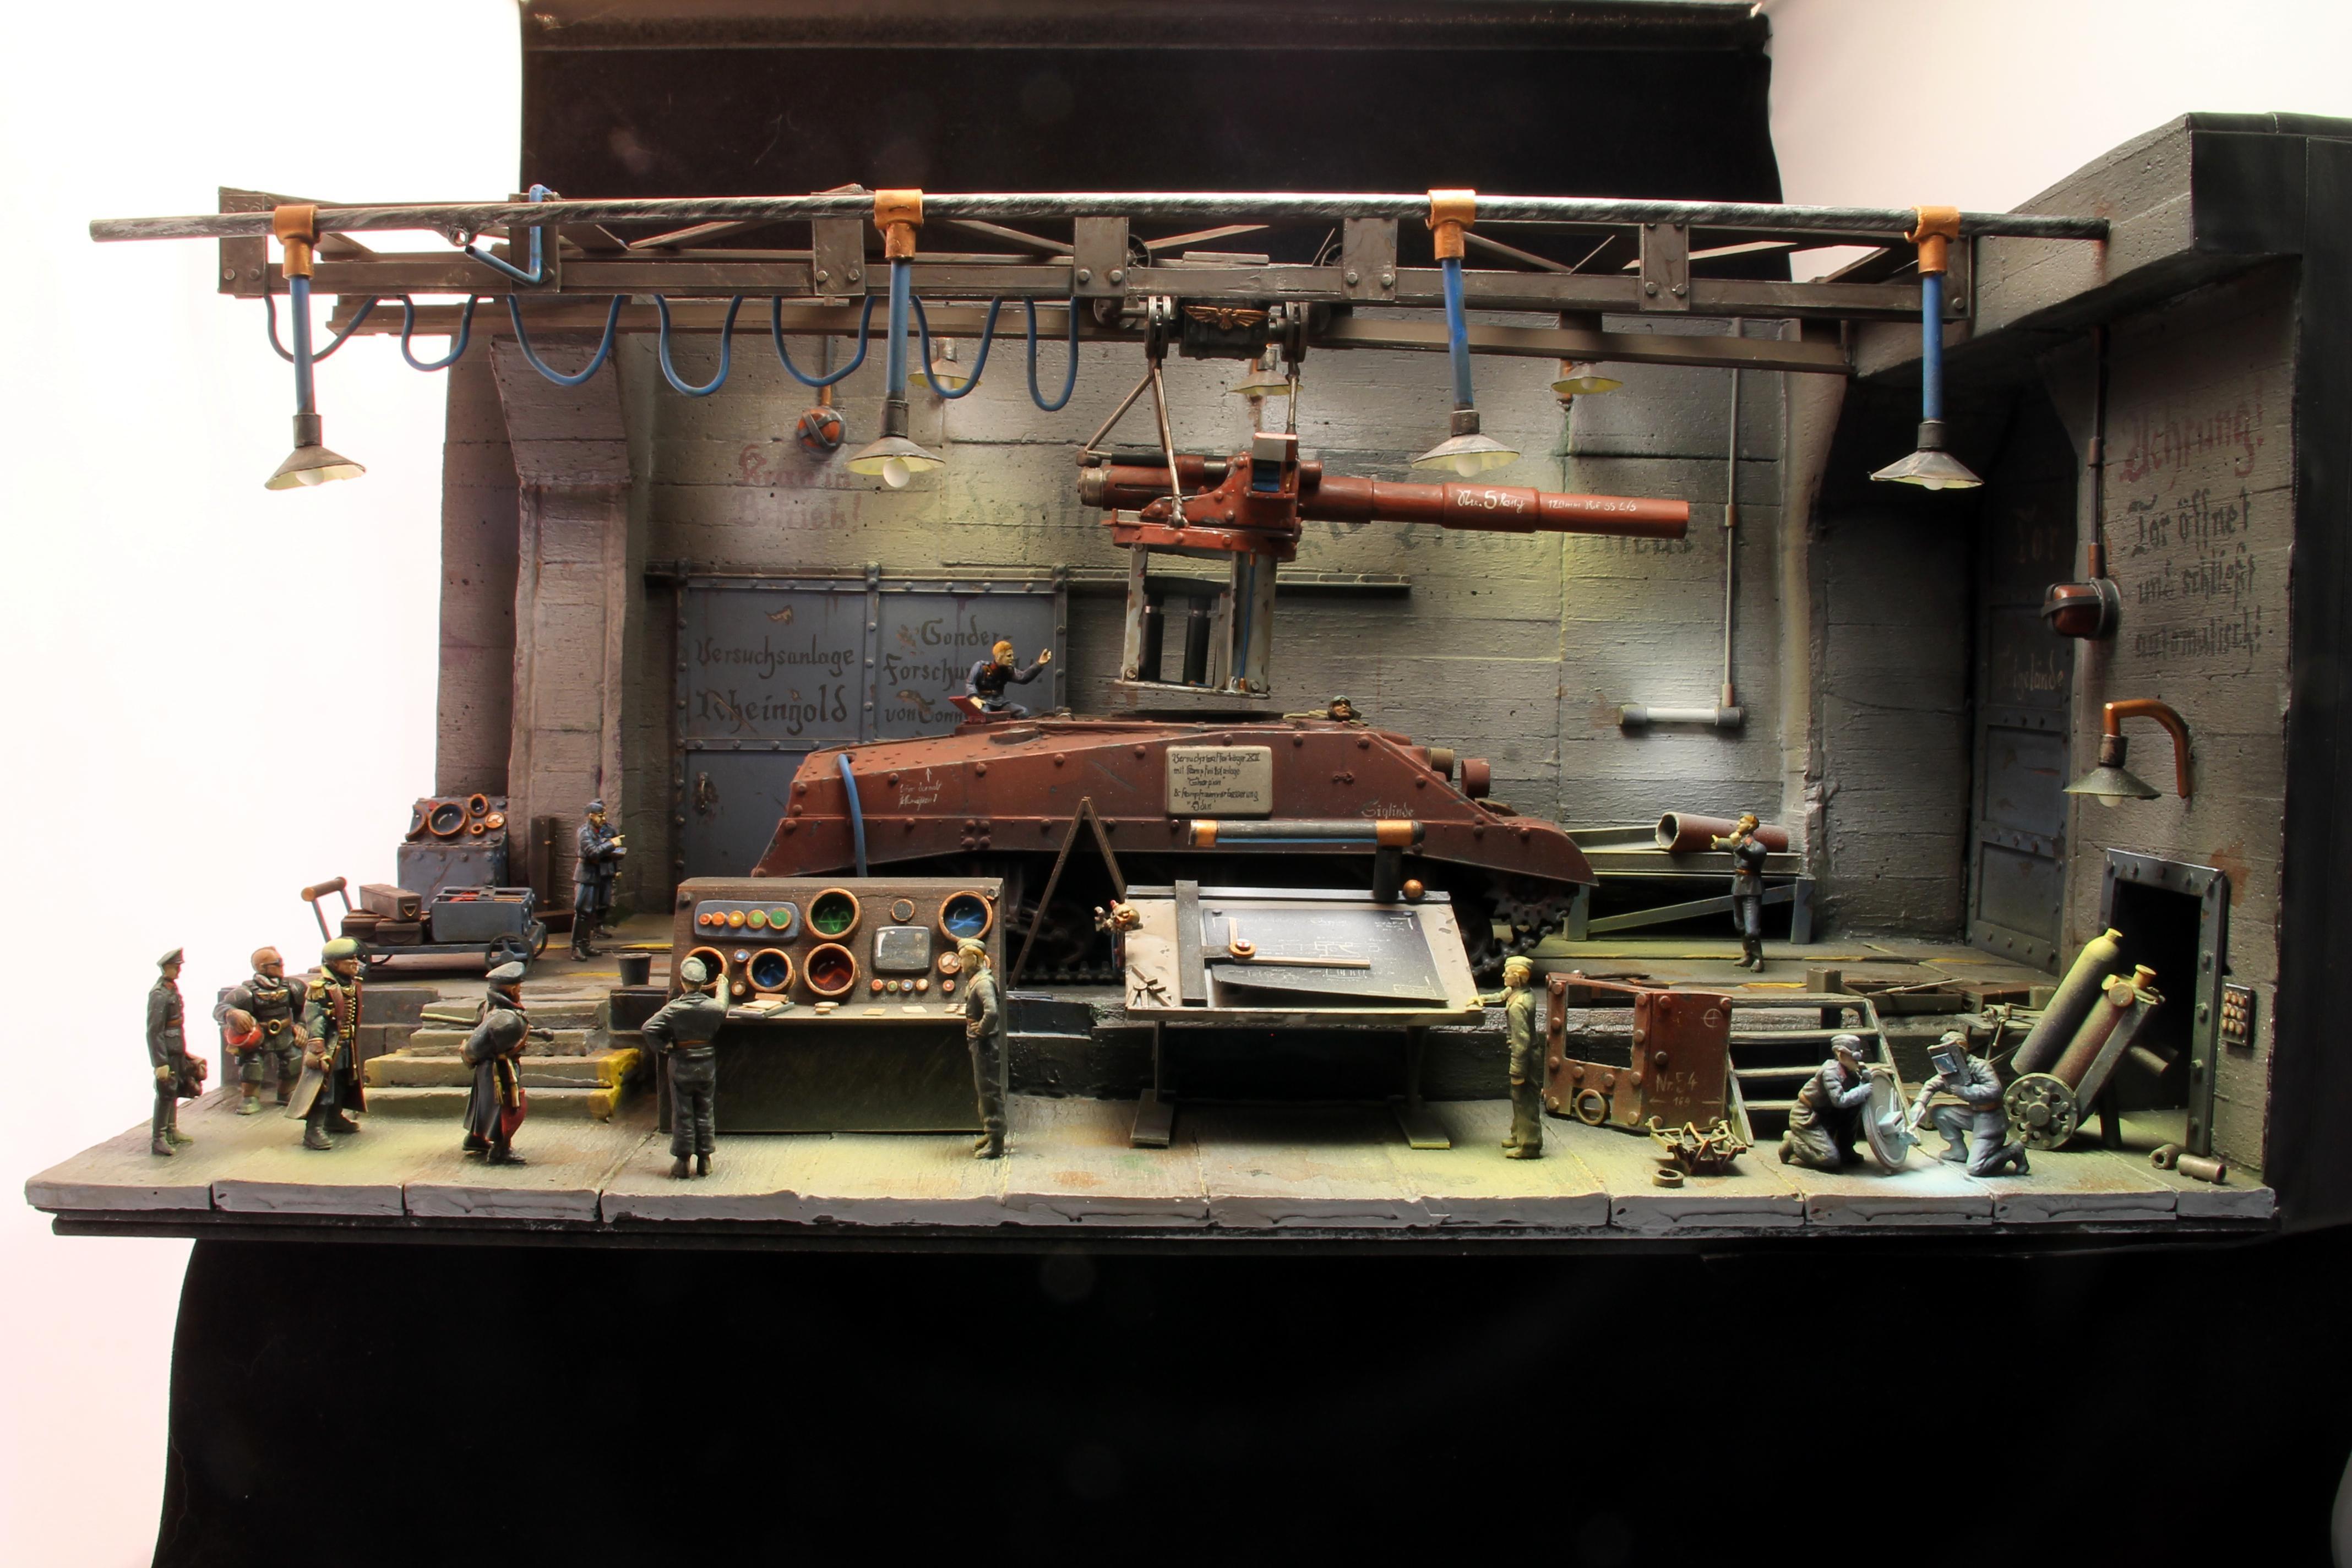 Factory, Germans, Tank, World War 2